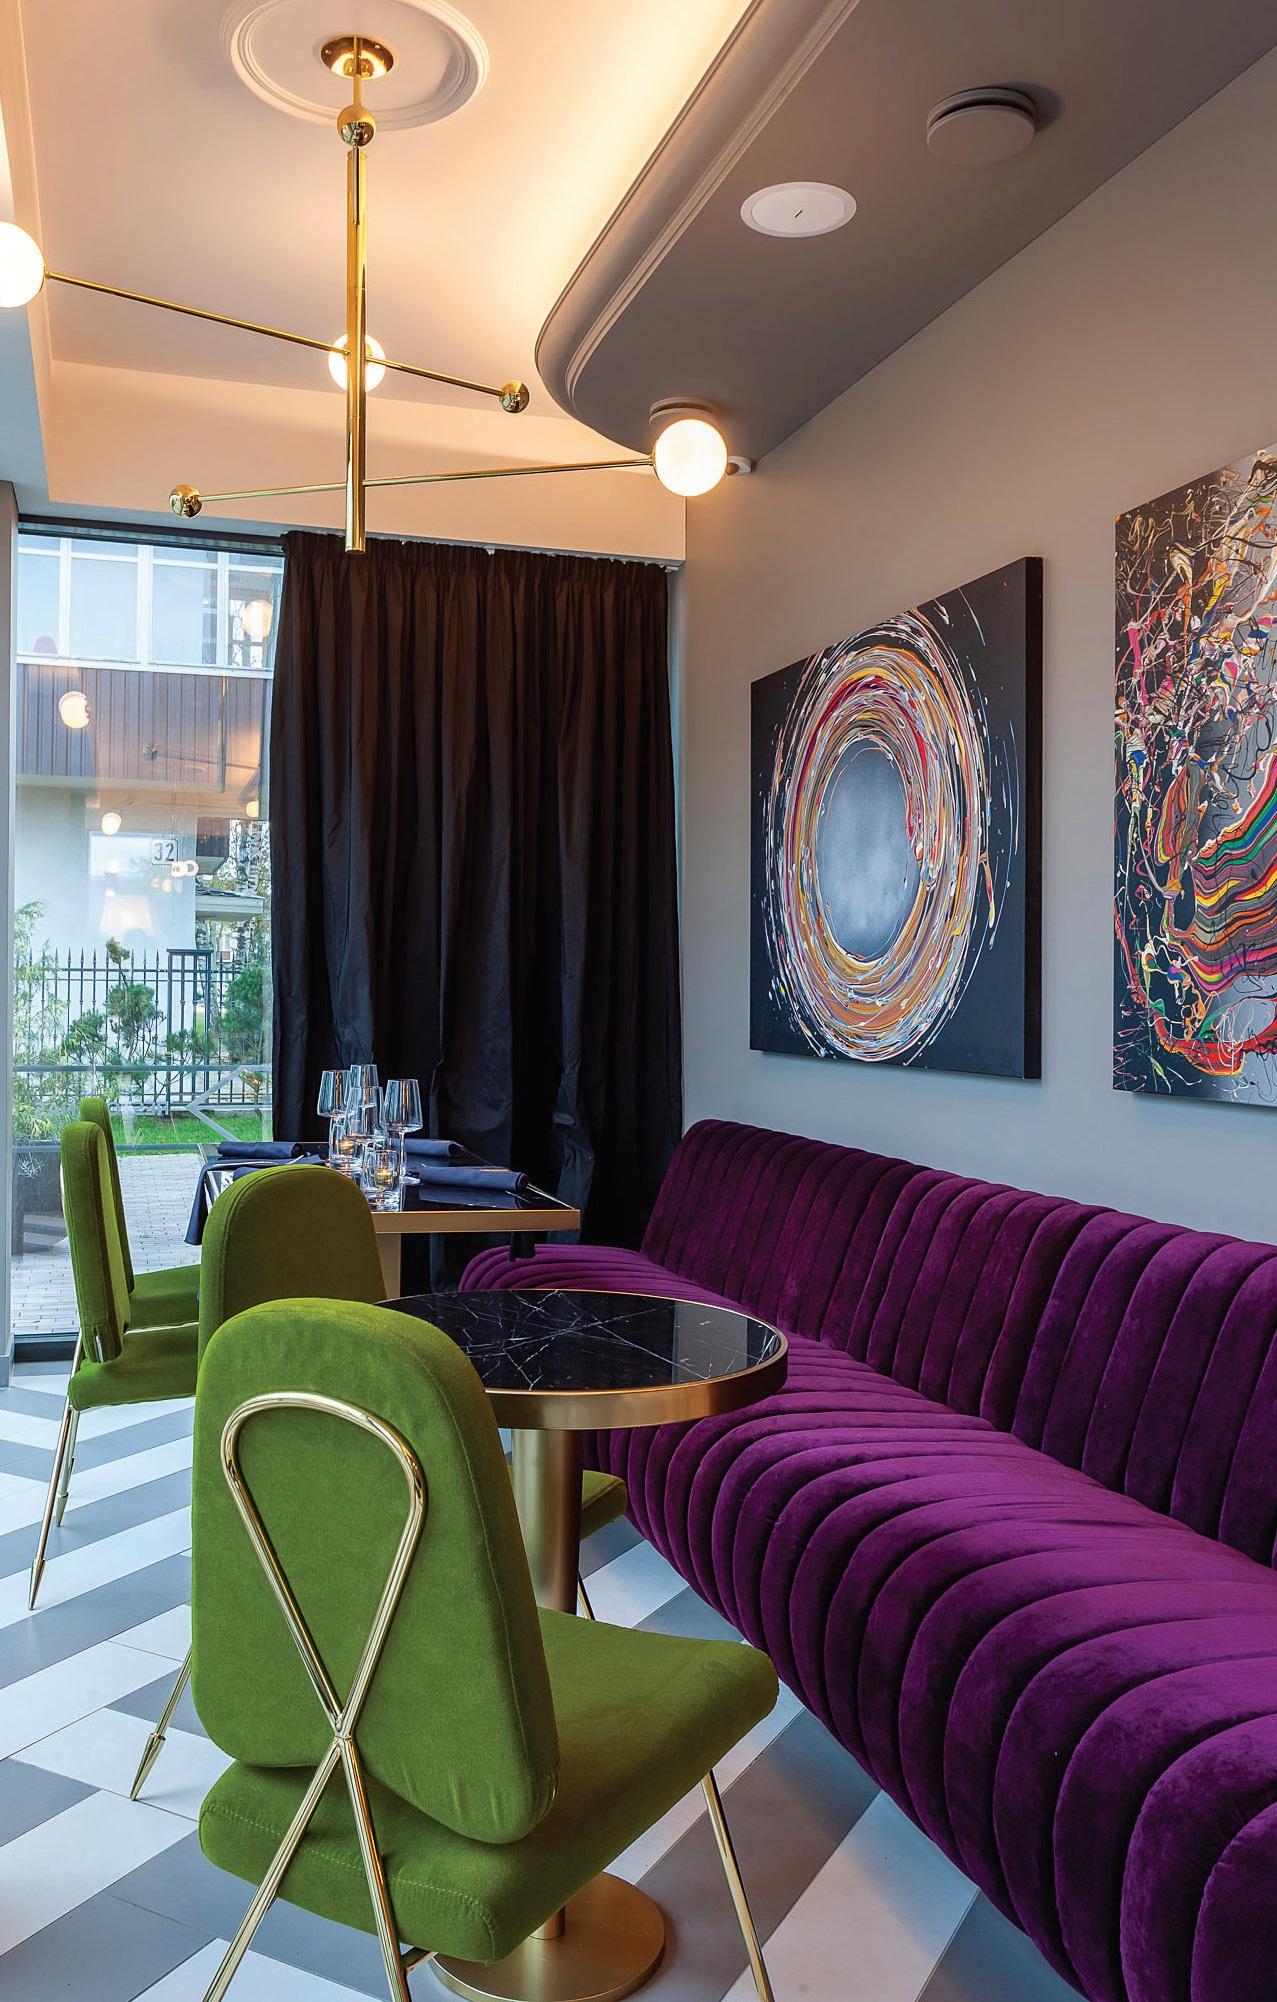 Ypatingą nuotaiką ir elegancija dvelkiančią atmosferą restorane kuria portugalų gamintojų baldai bei įspūdingi prancūzų dizainerės Masrie Lise Fery šviestuvai